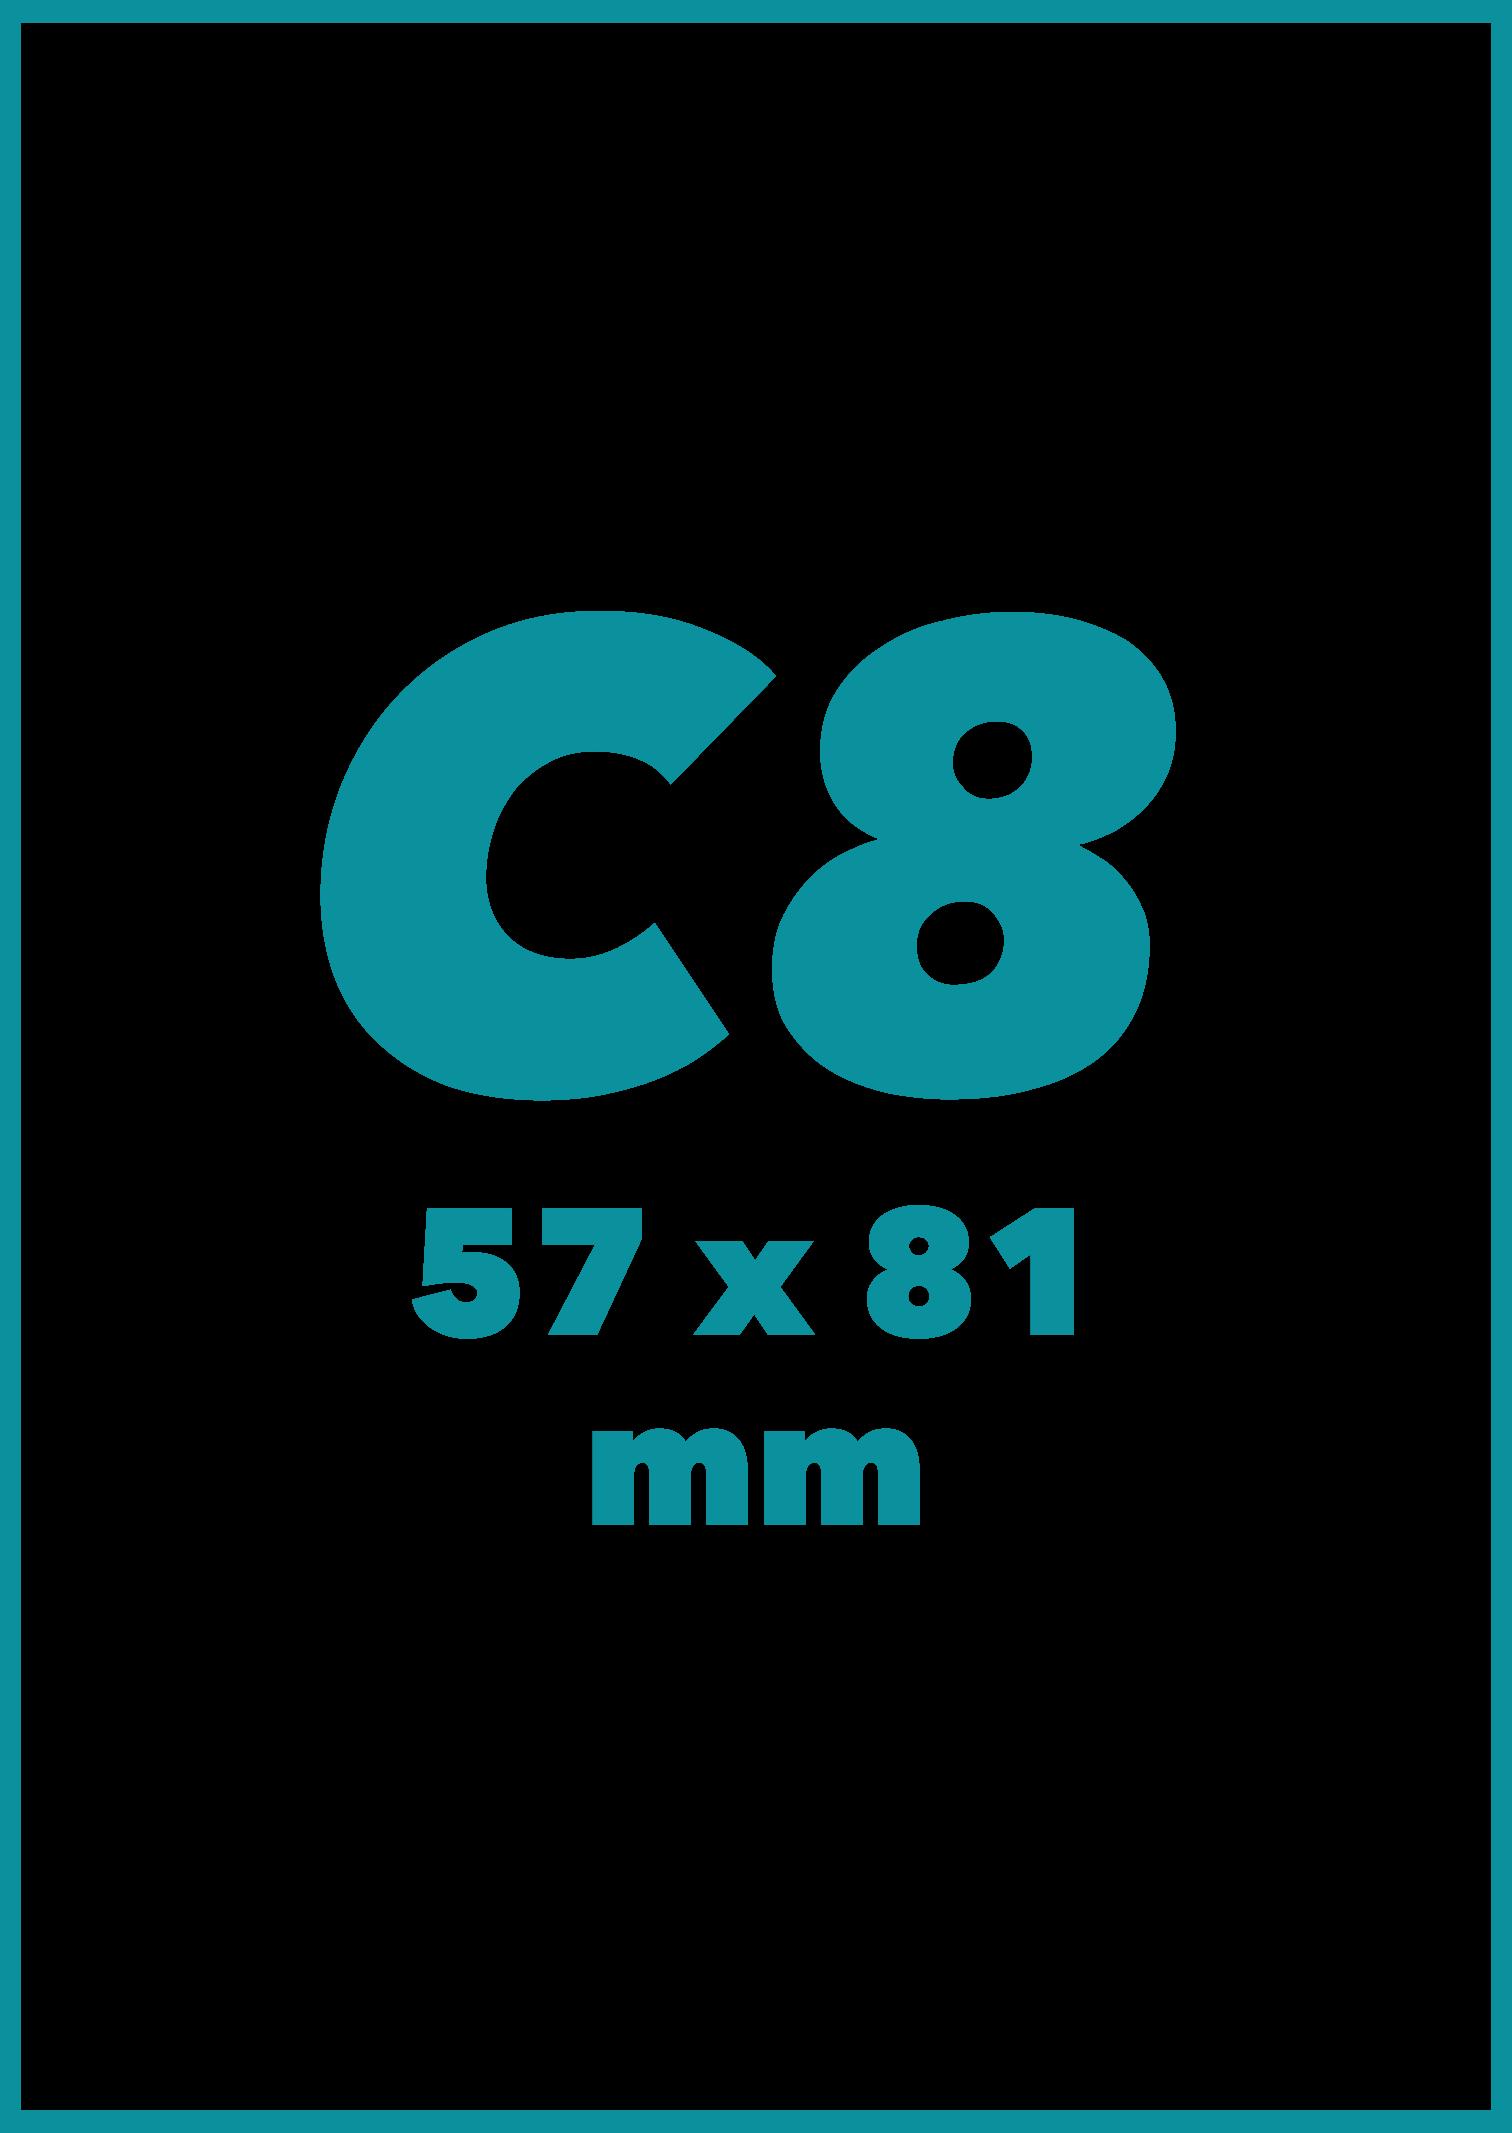 C8 Formatas